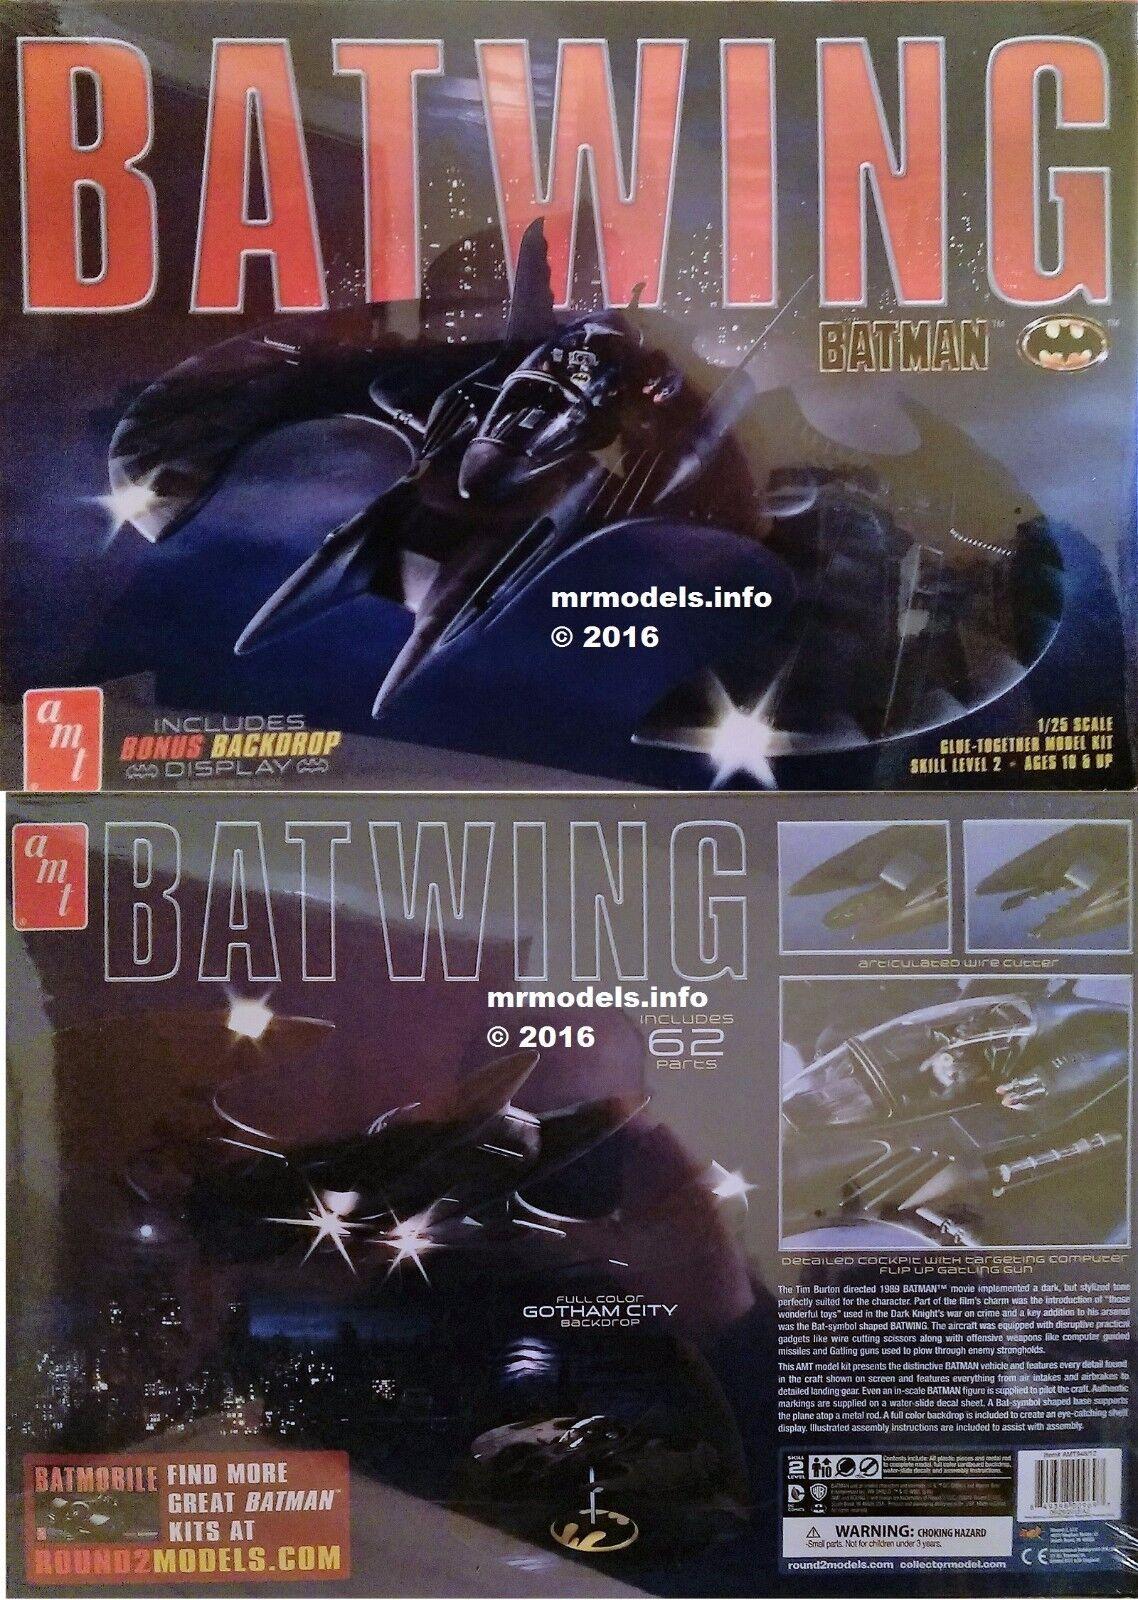 AMT 1 25 Batman Batwing New Plastic Model Kit AMT948 12 948